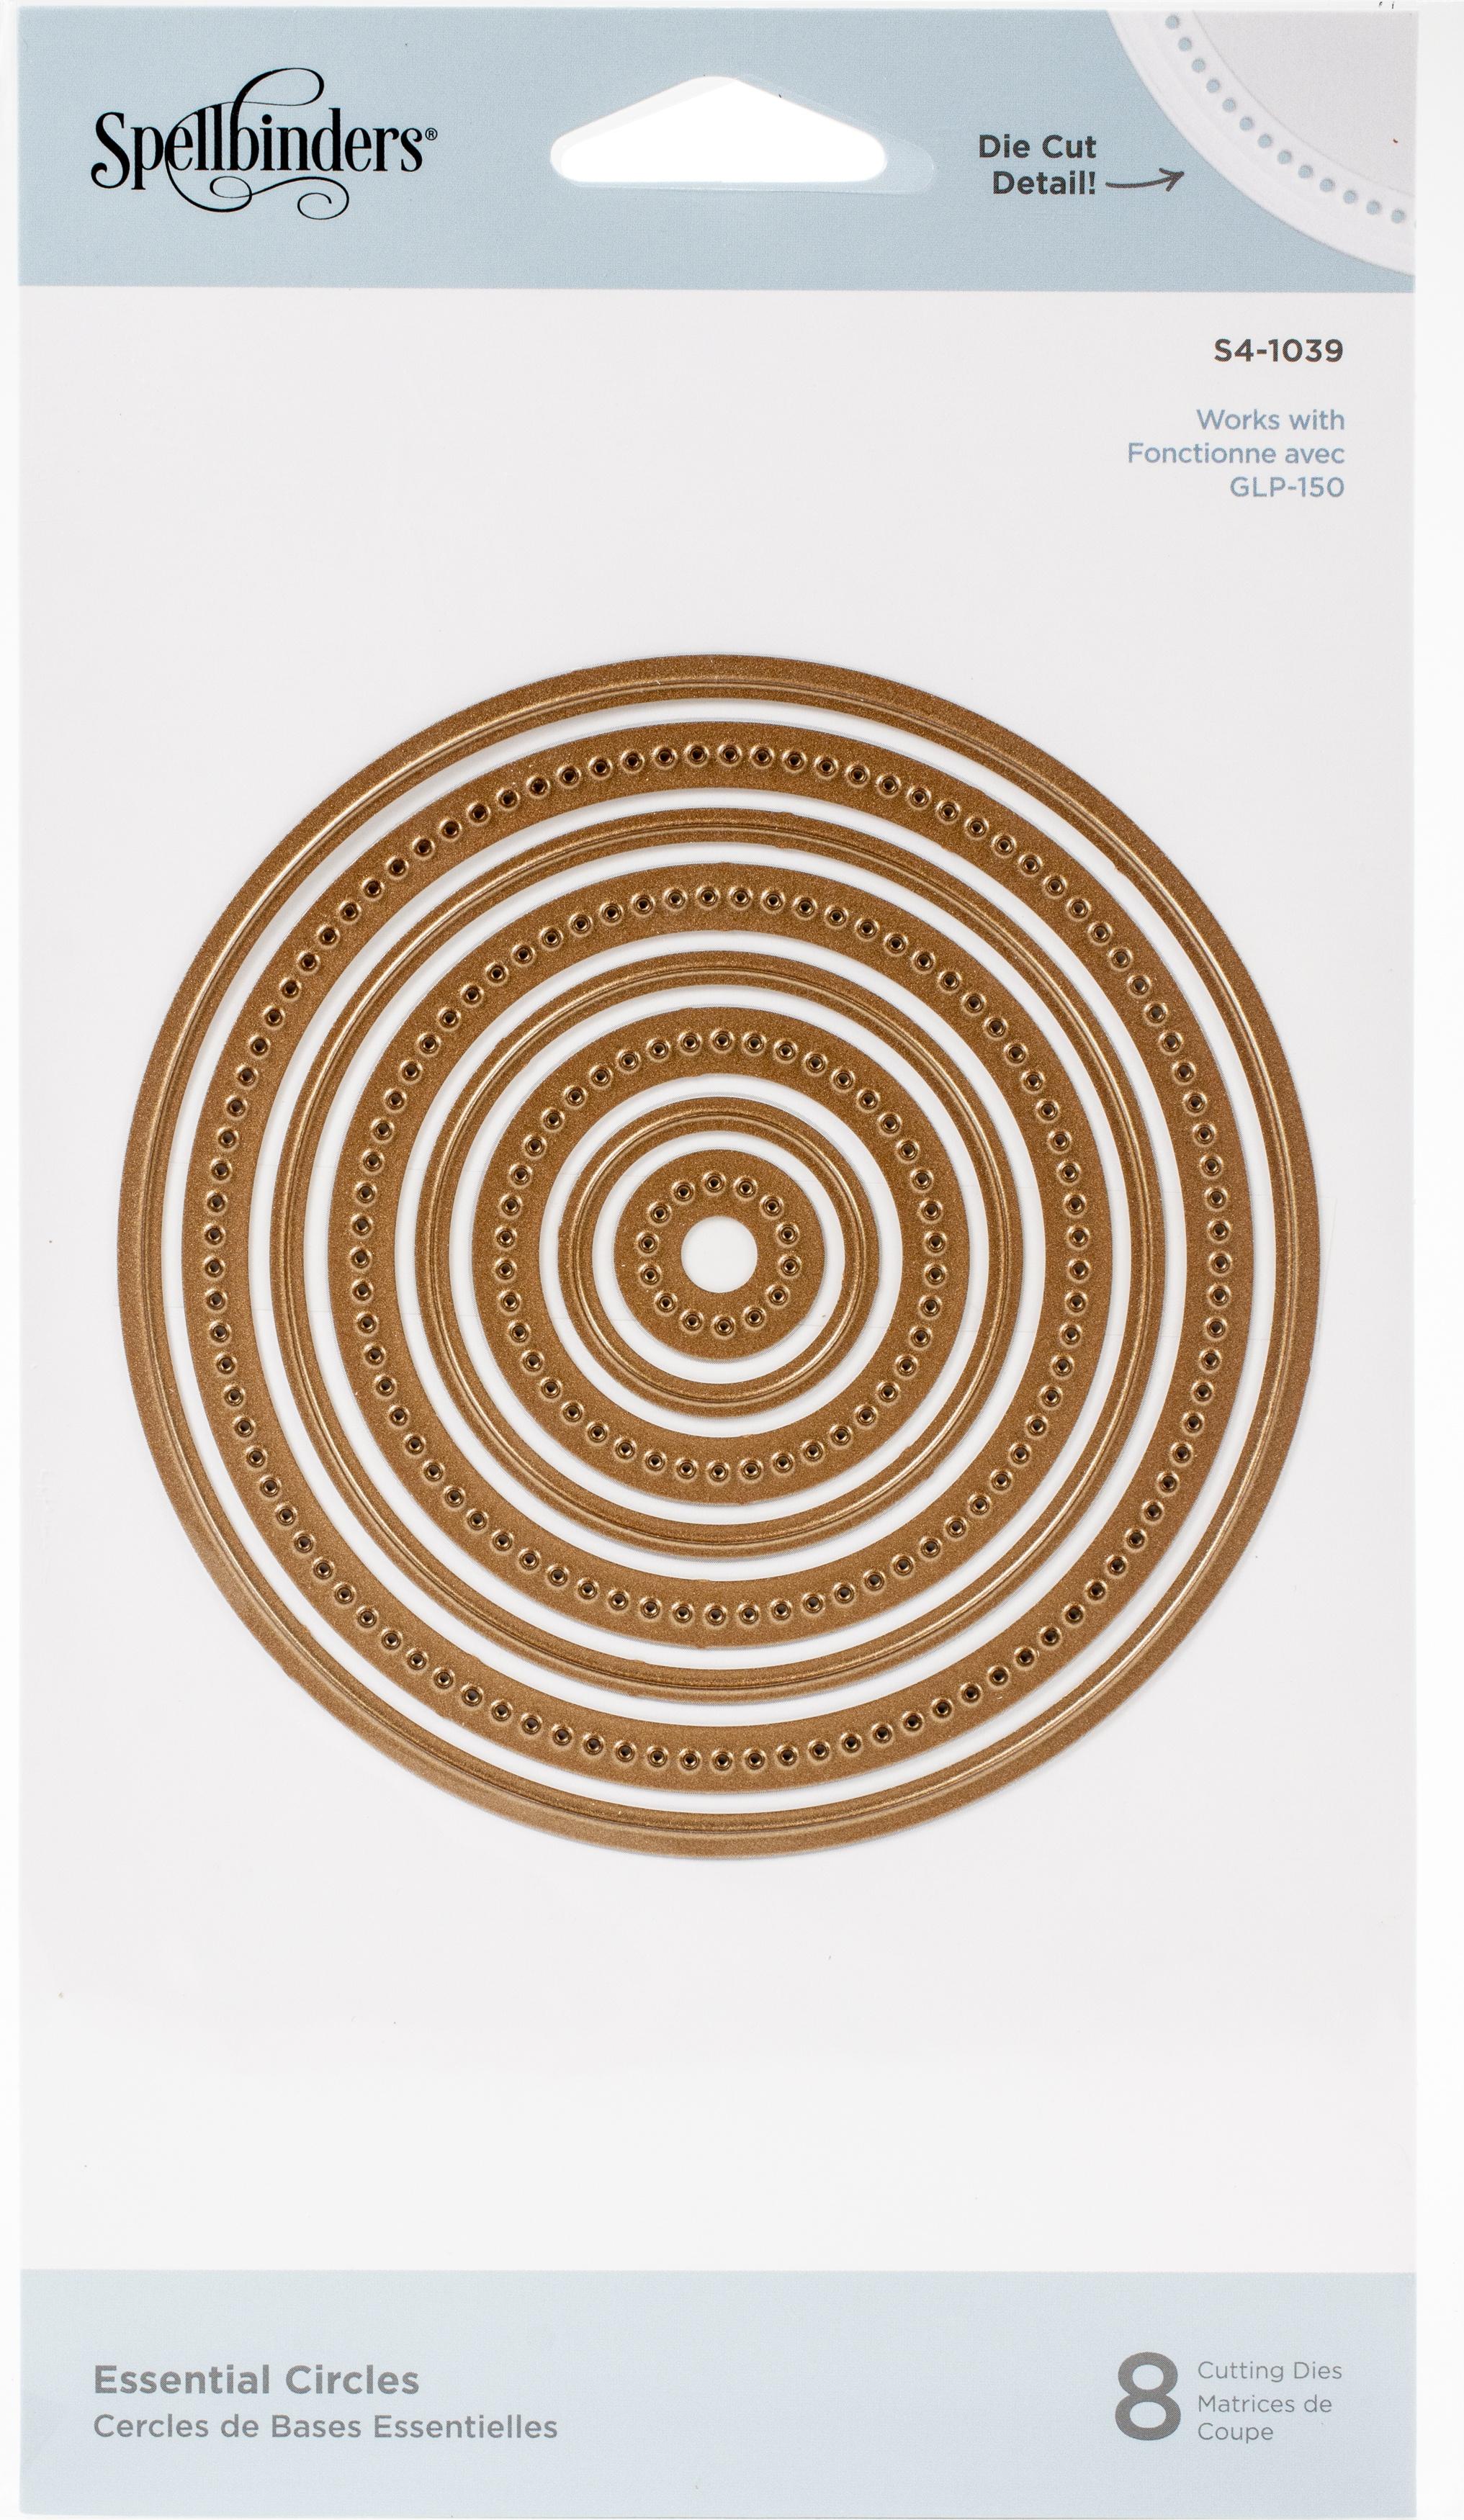 Spellbinders Etched Dies -Essential Circles